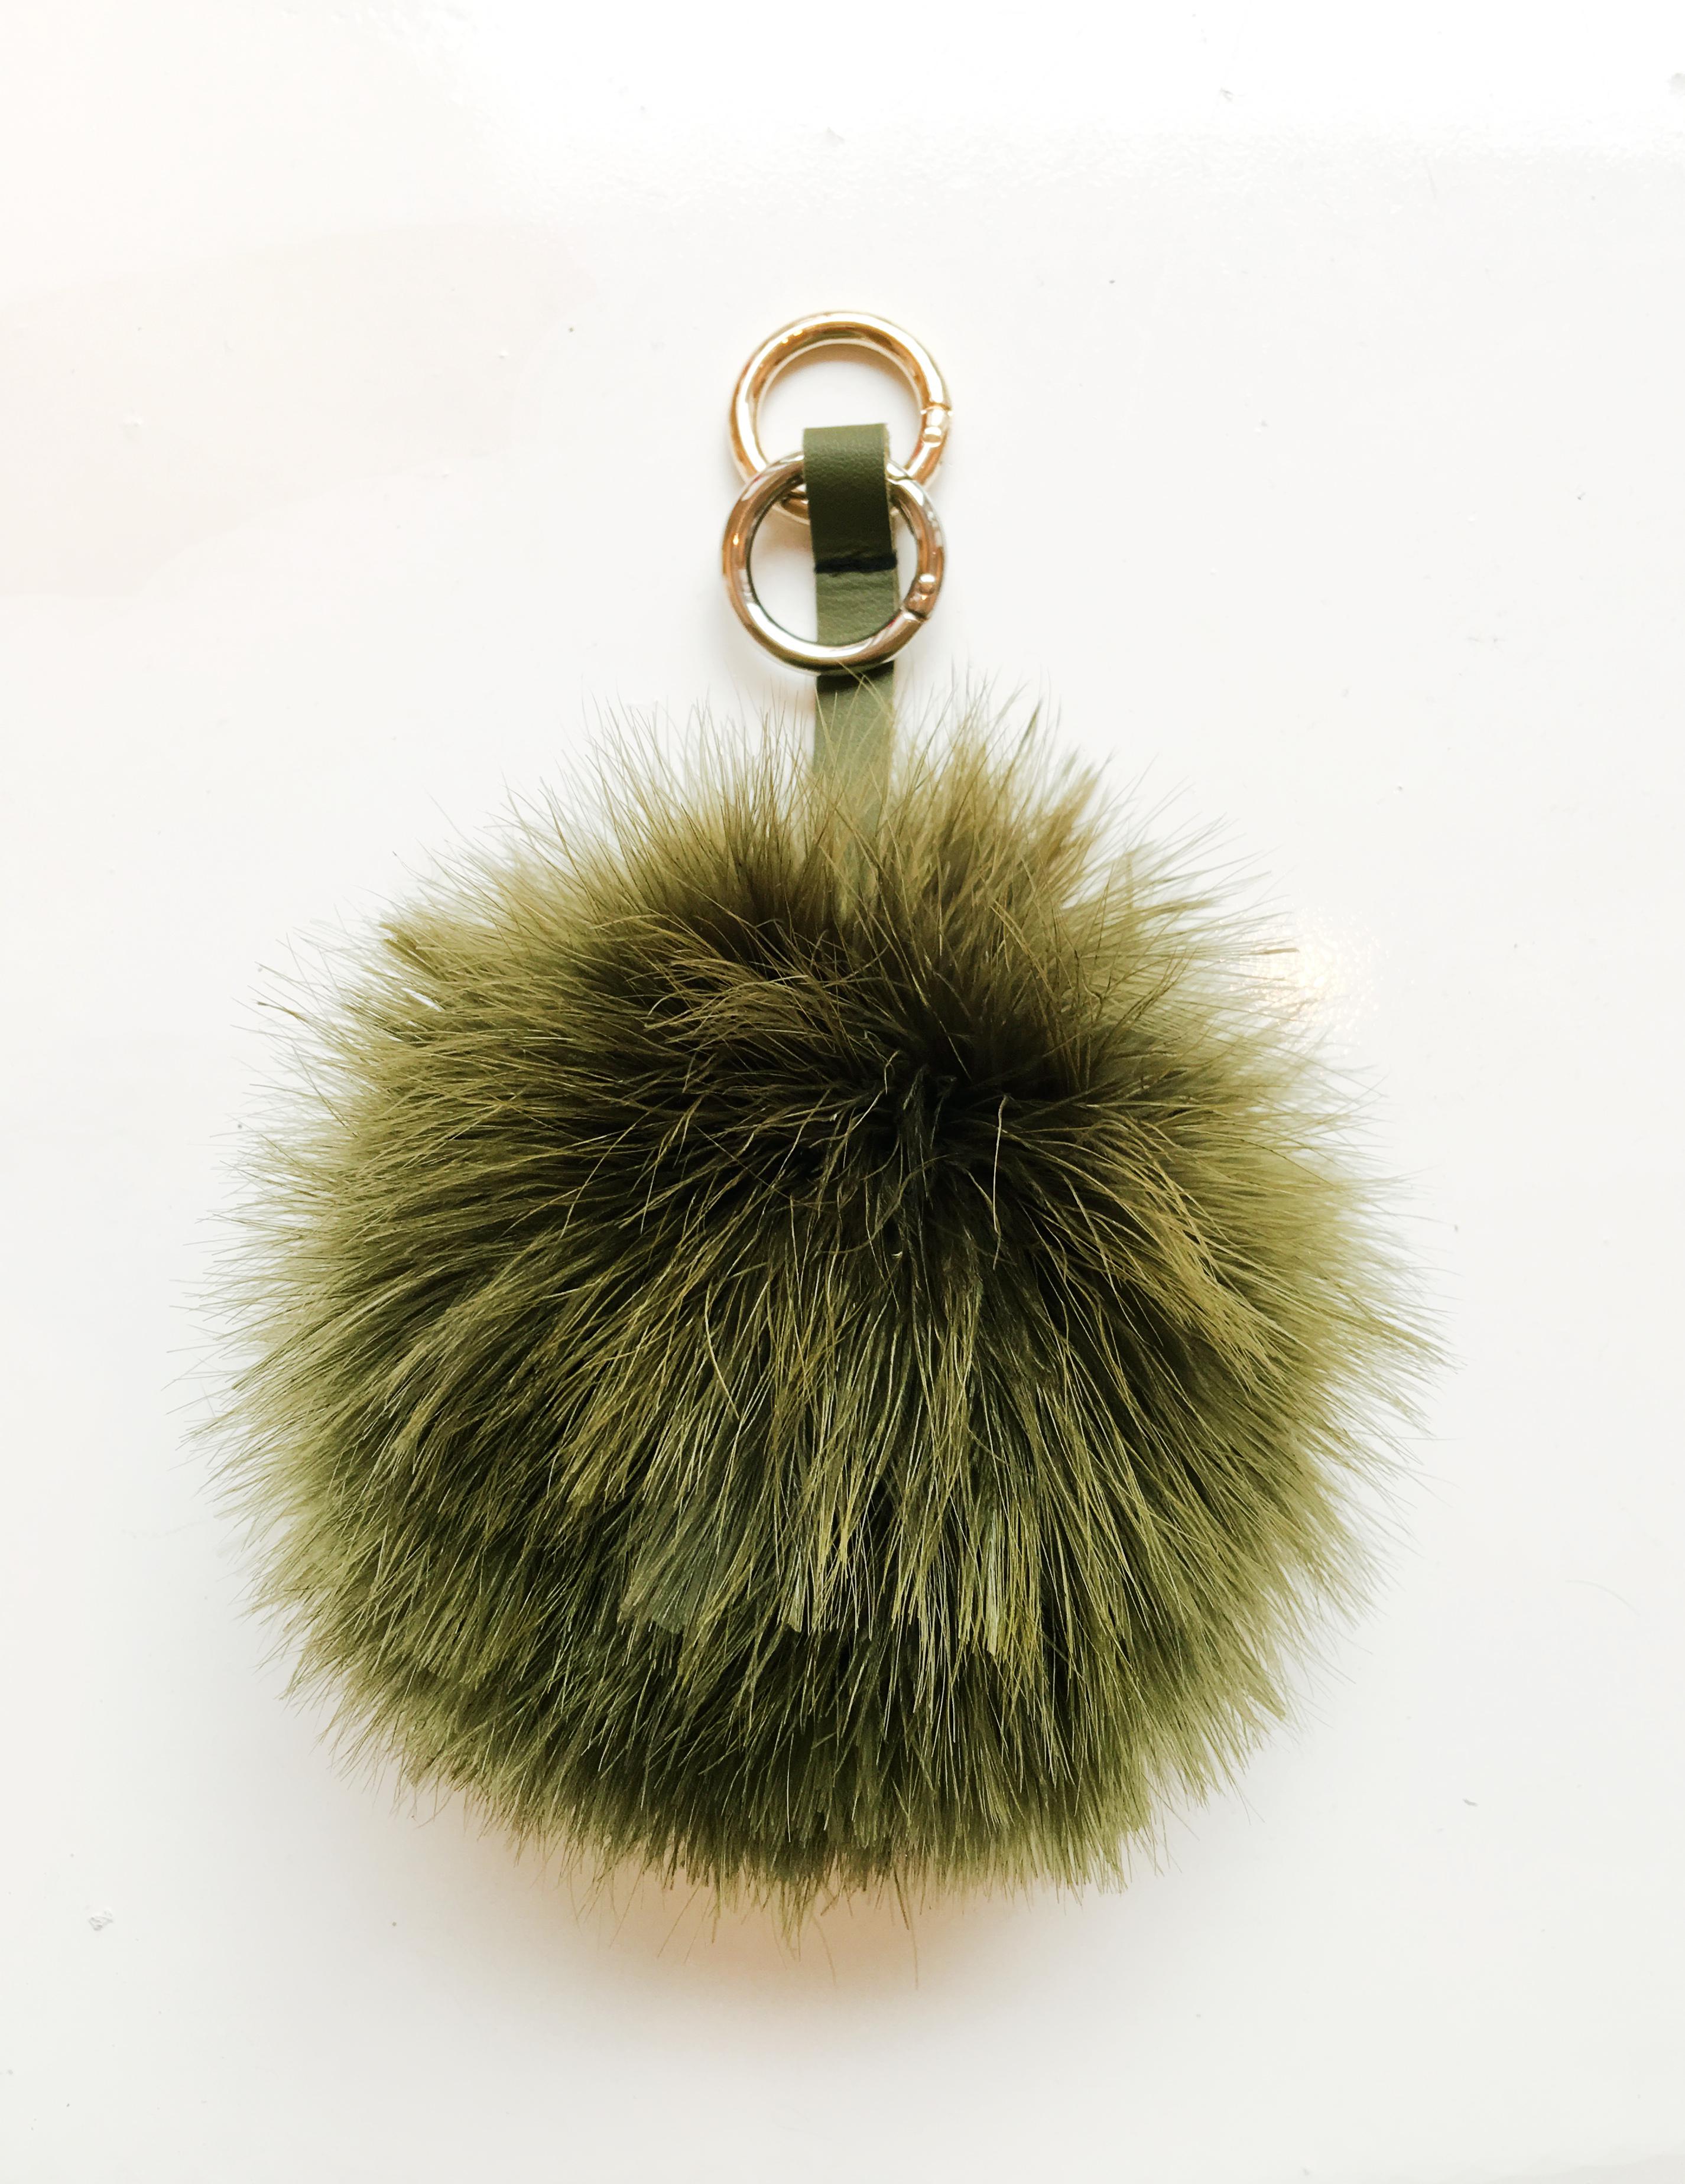 Fluffy Fur Fever Bag Chain